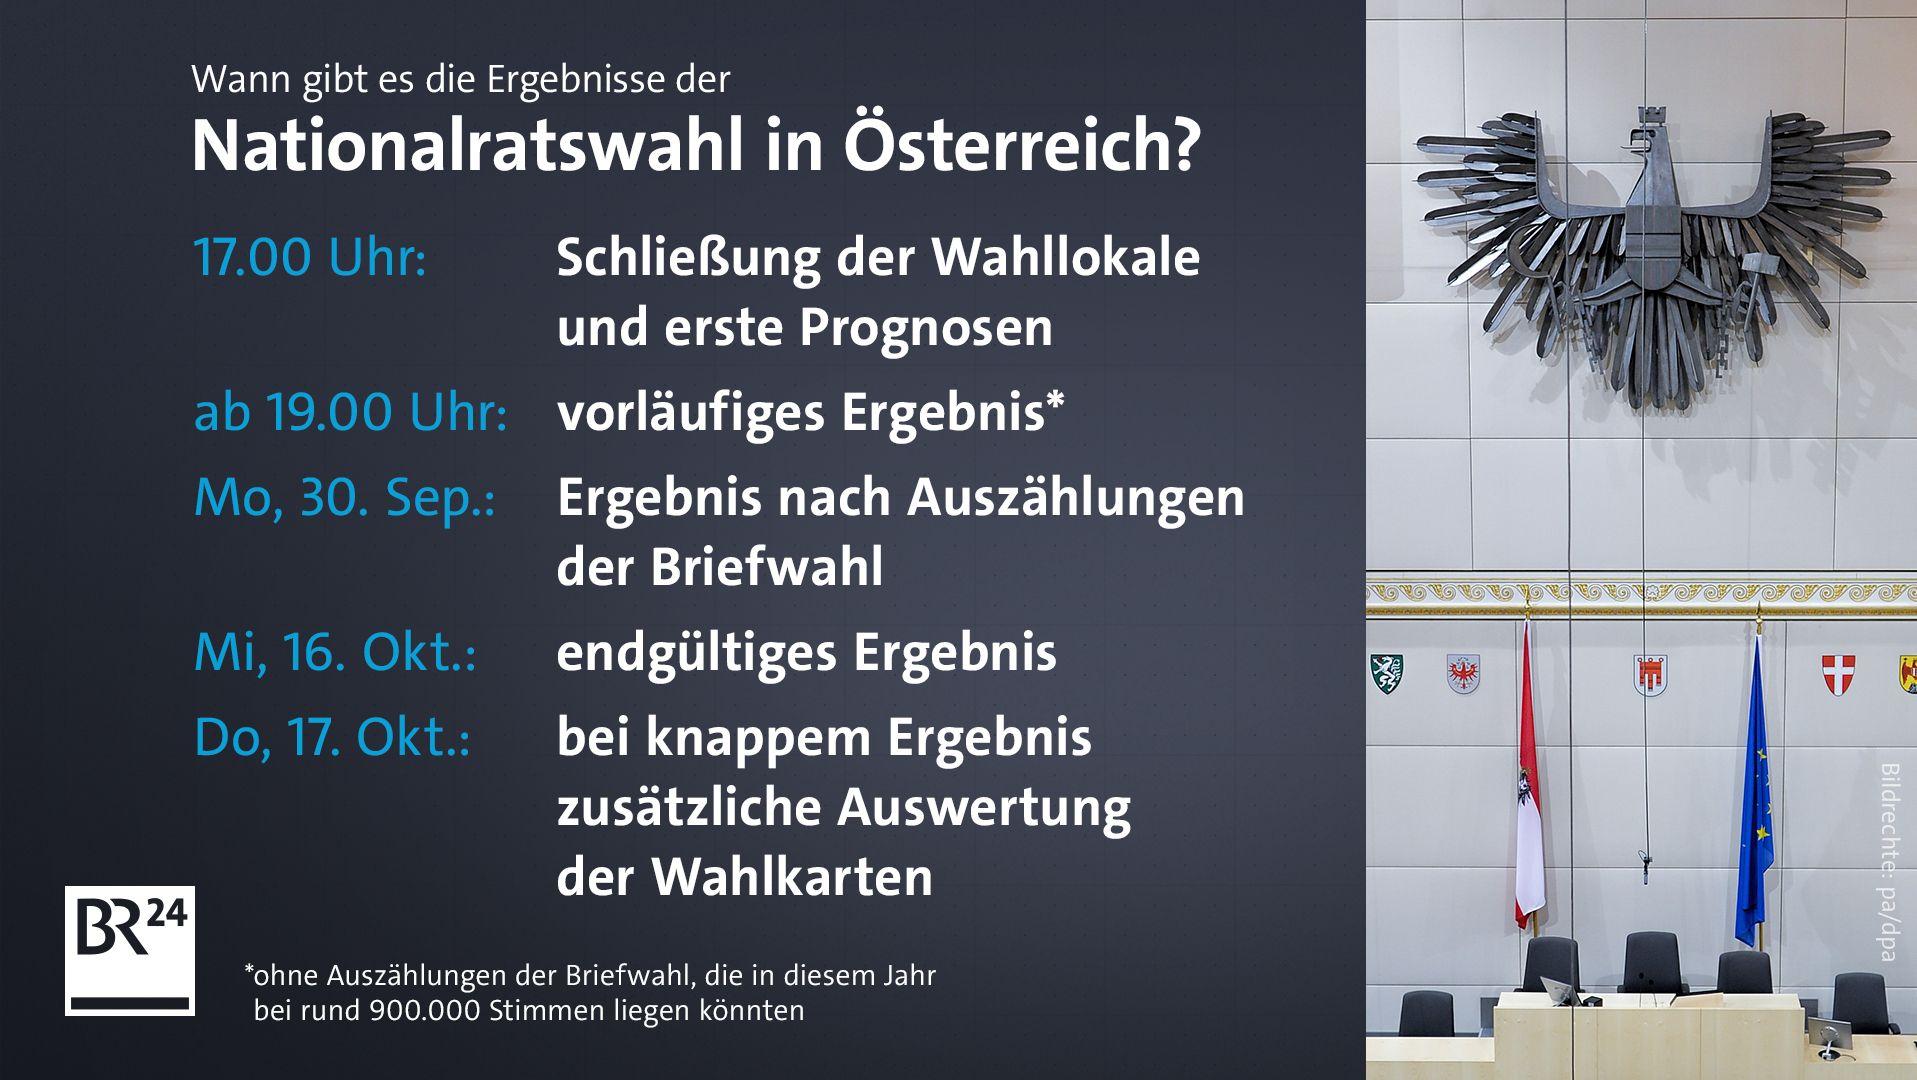 Heute wählt Österreich - wann steht das Ergebnis fest?